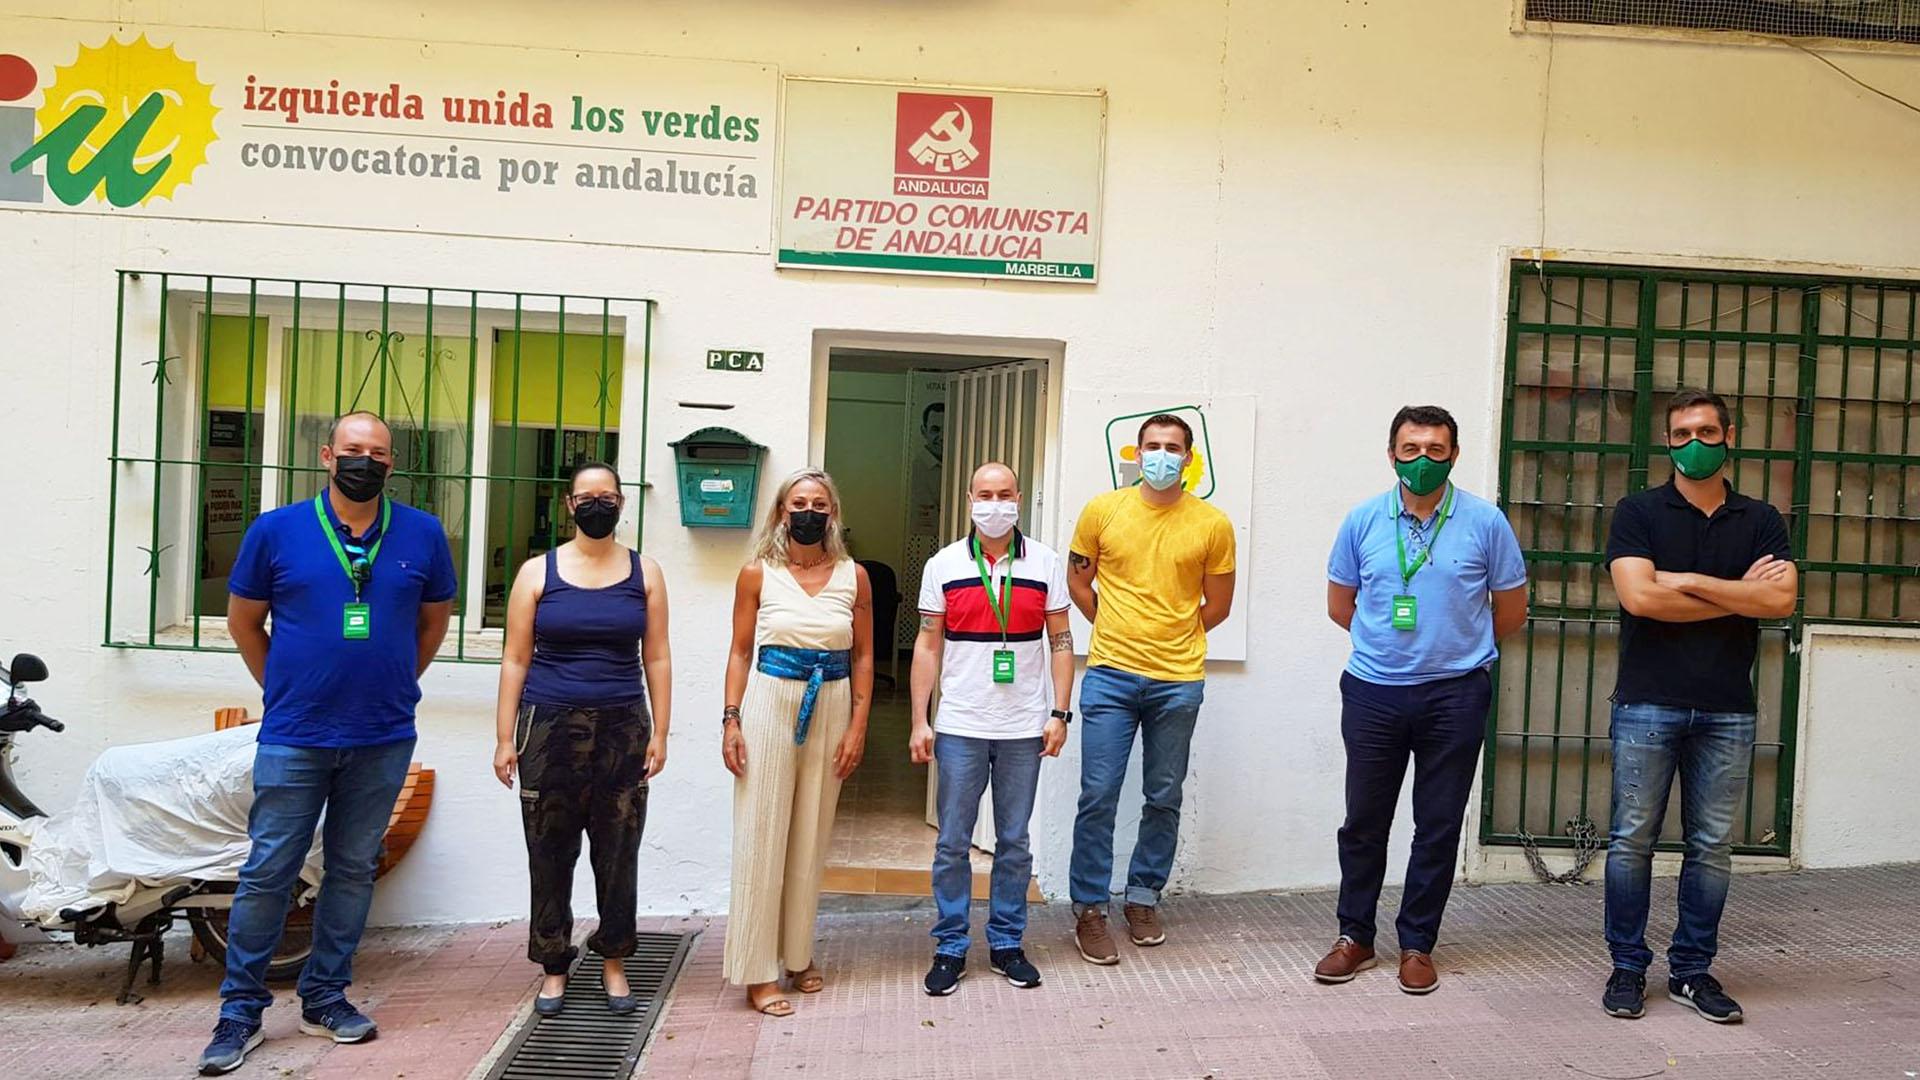 Unidas Podemos denuncia defectos en la convocatoria de subvenciones para los colectivos sociales